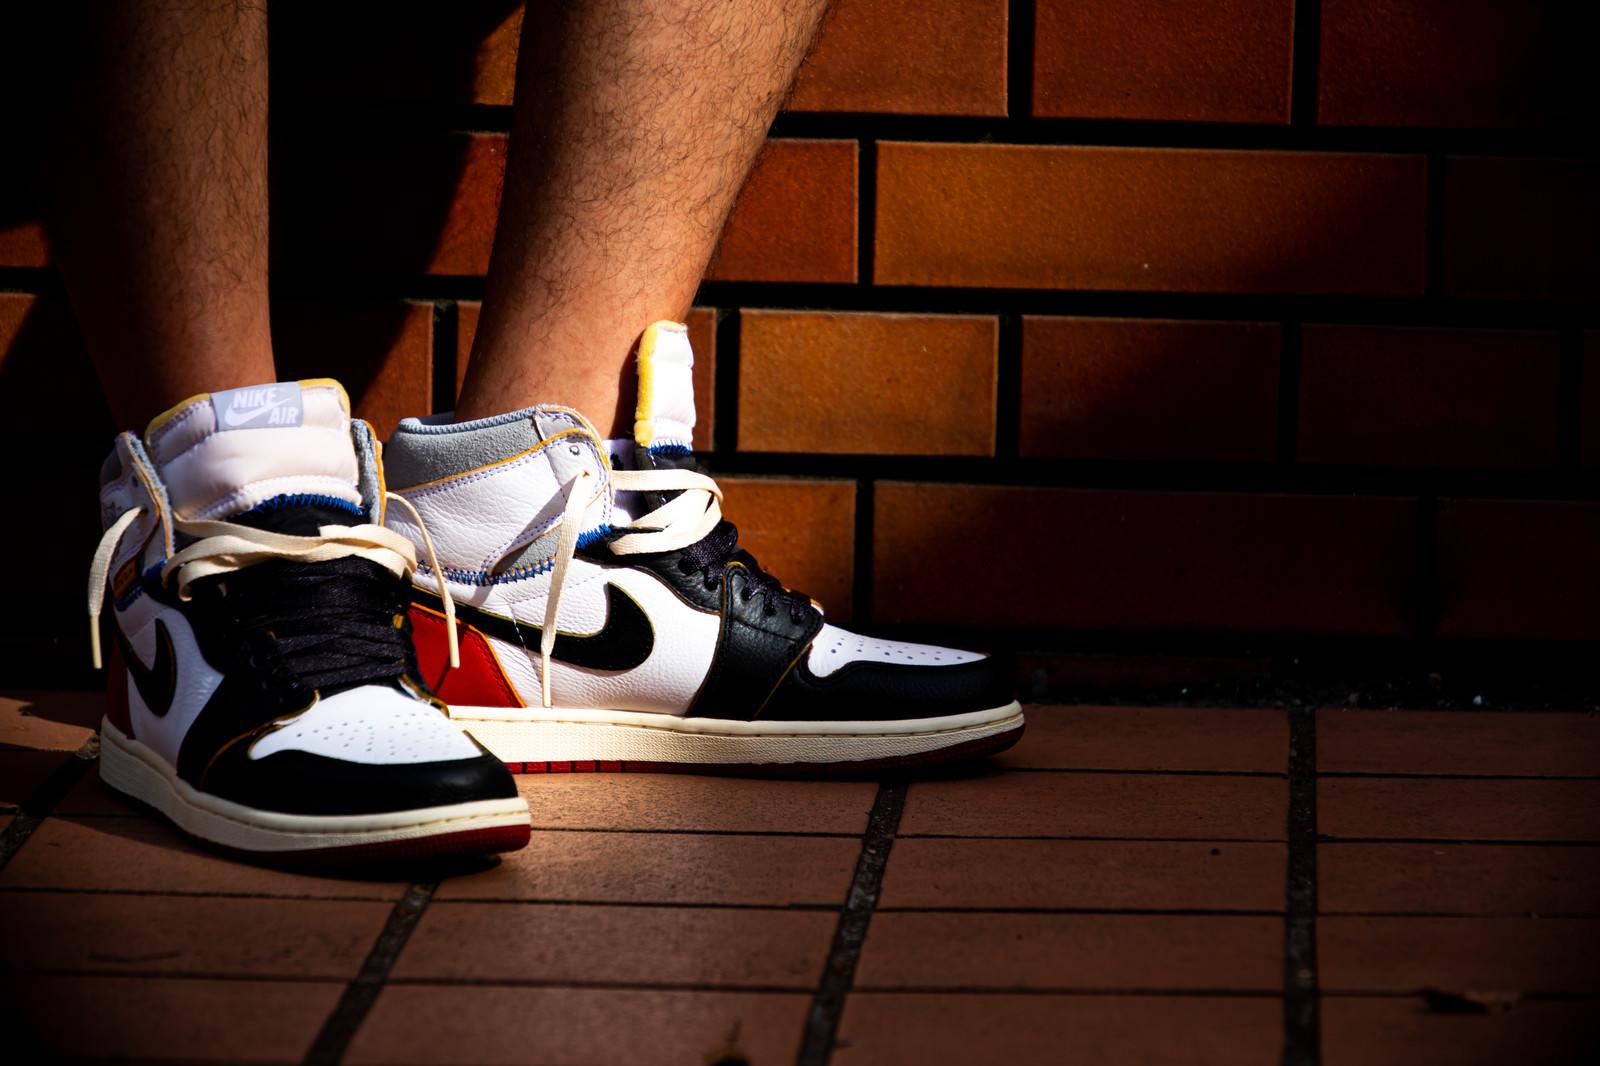 「スニーカーを履いた足元に差し込む光(AIR JORDAN)」の写真